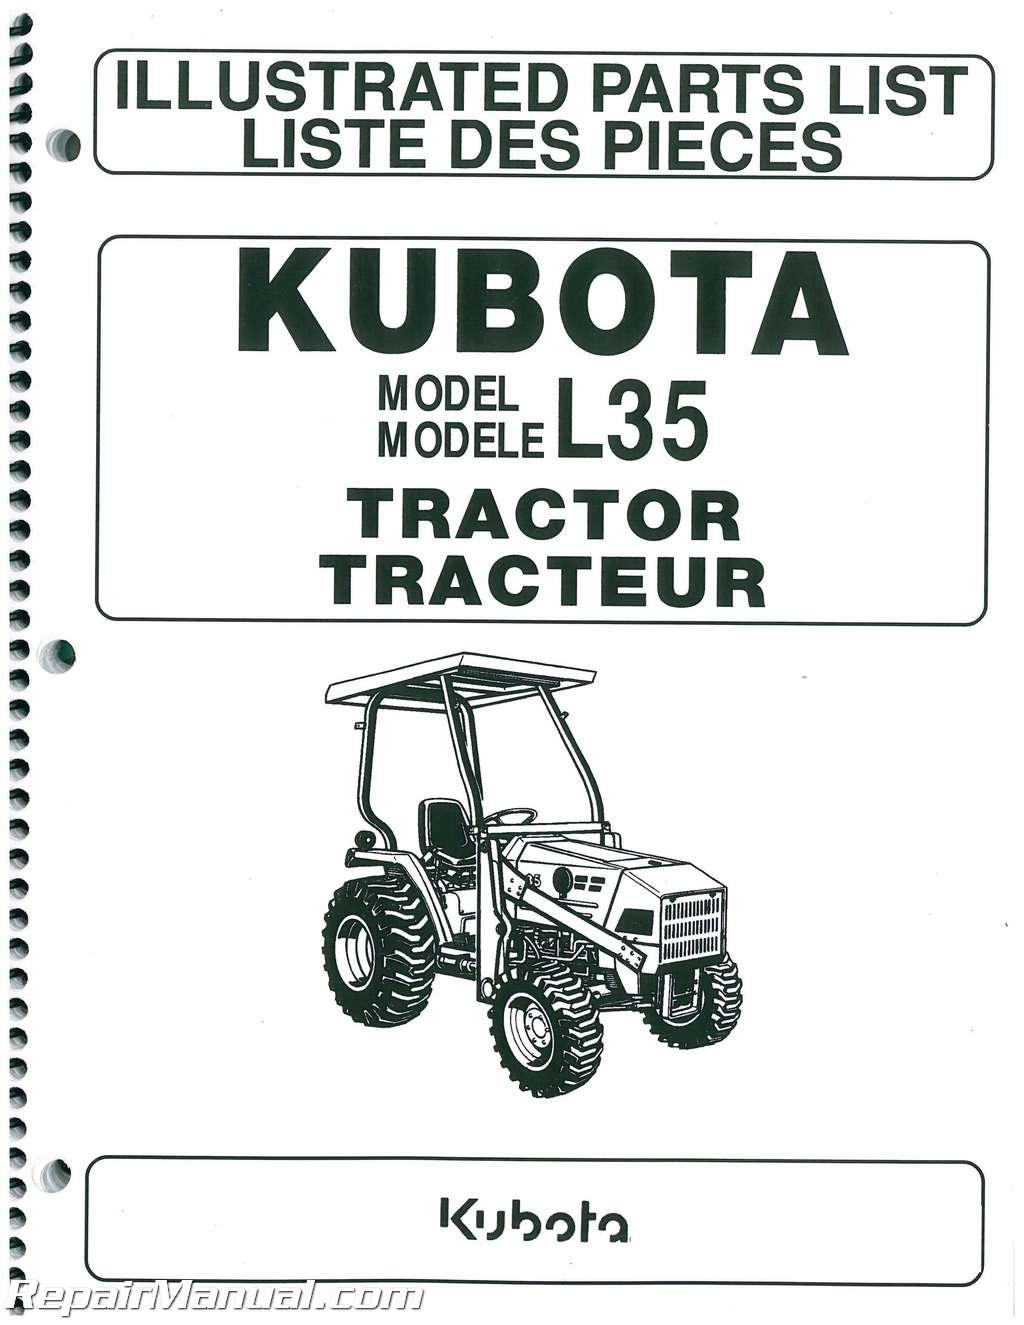 kubota l35 parts manual. Black Bedroom Furniture Sets. Home Design Ideas